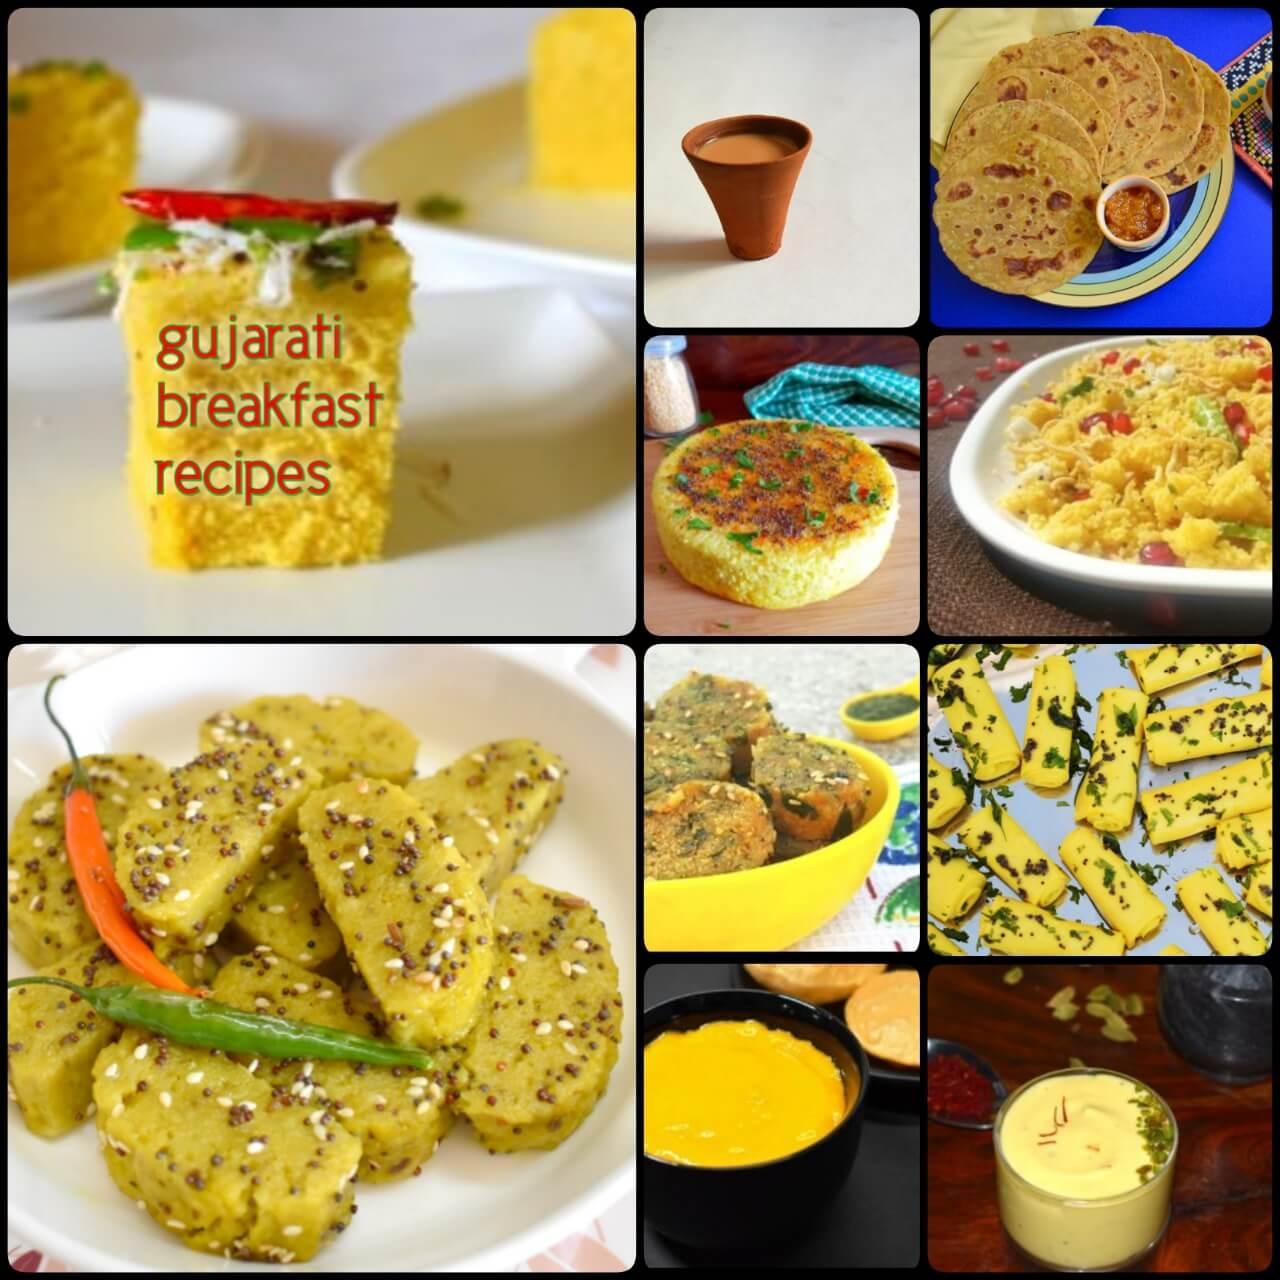 Gujarati Breakfast Recipes